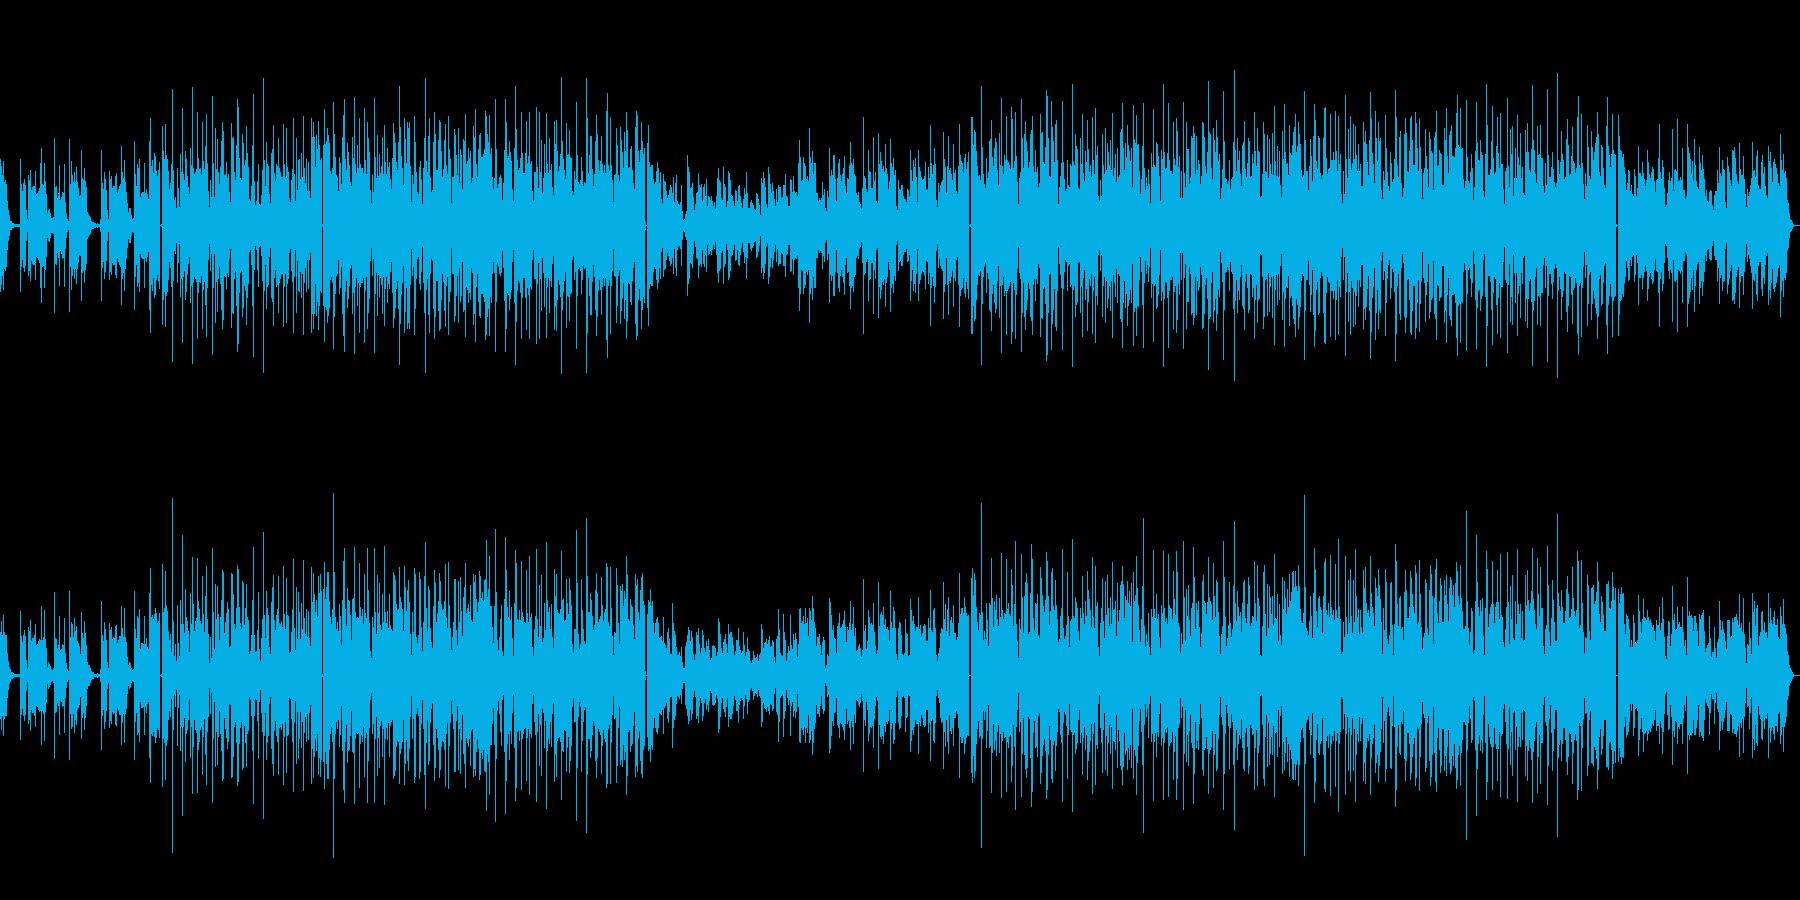 おしゃれでクール、大人なジャズの再生済みの波形